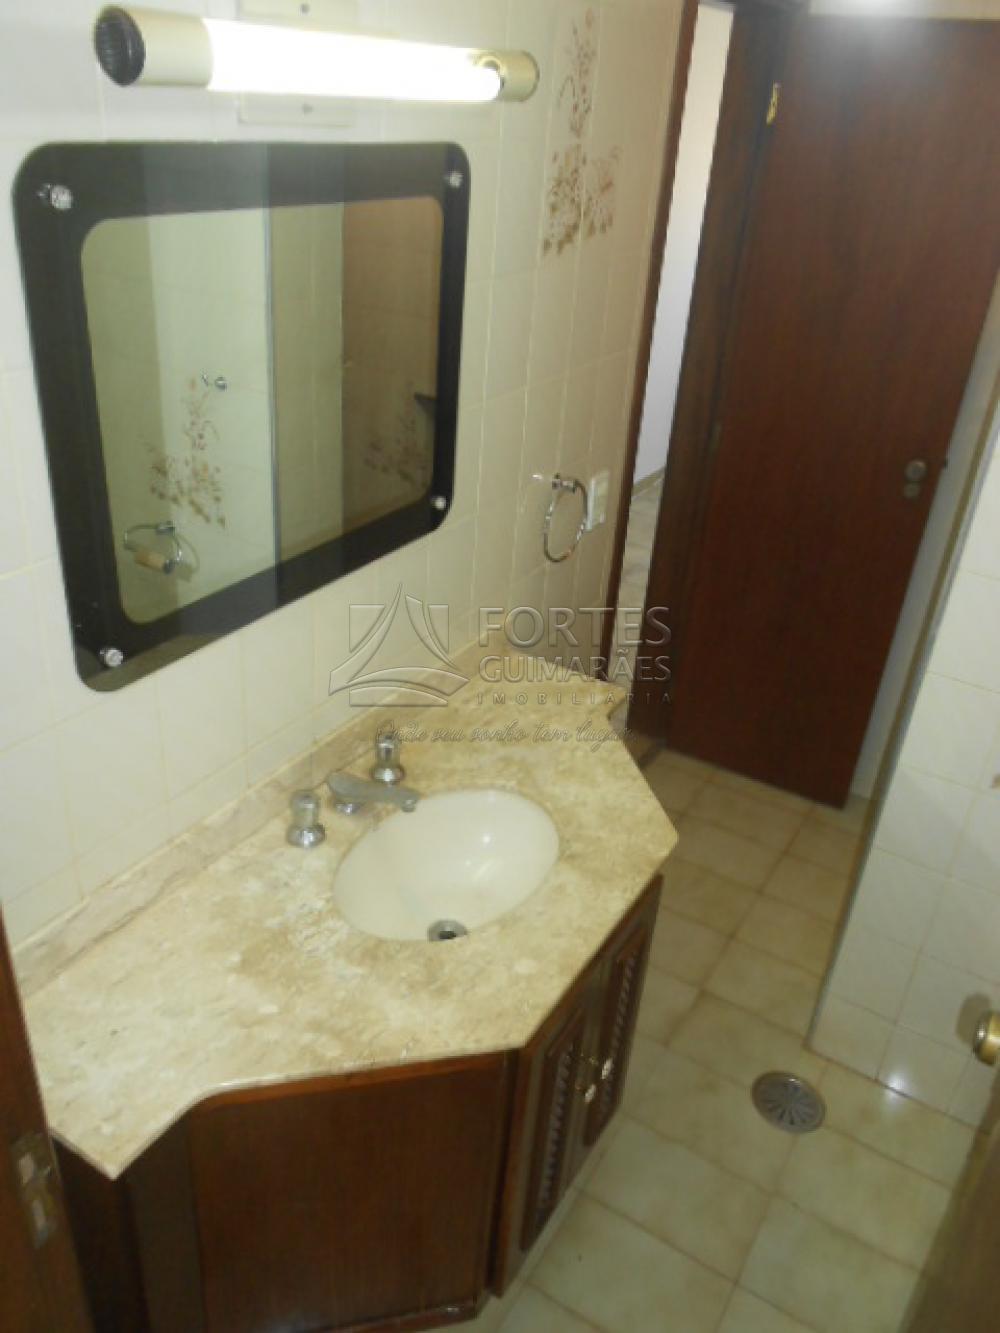 Alugar Apartamentos / Padrão em Ribeirão Preto apenas R$ 1.250,00 - Foto 29